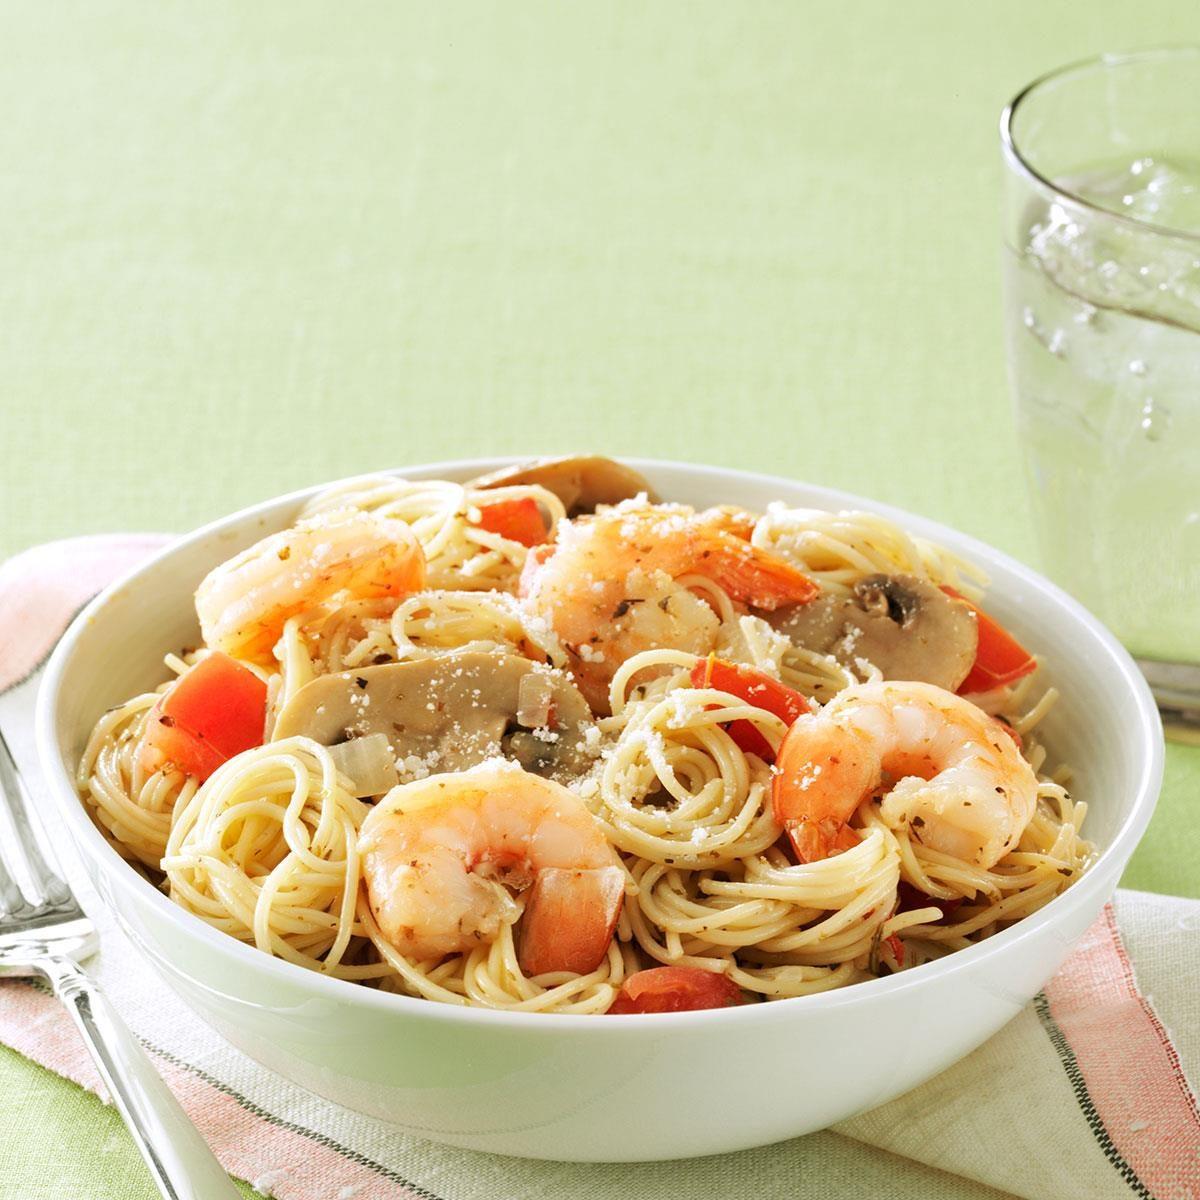 Garlic Shrimp & Mushroom Pasta Recipe | Taste of Home